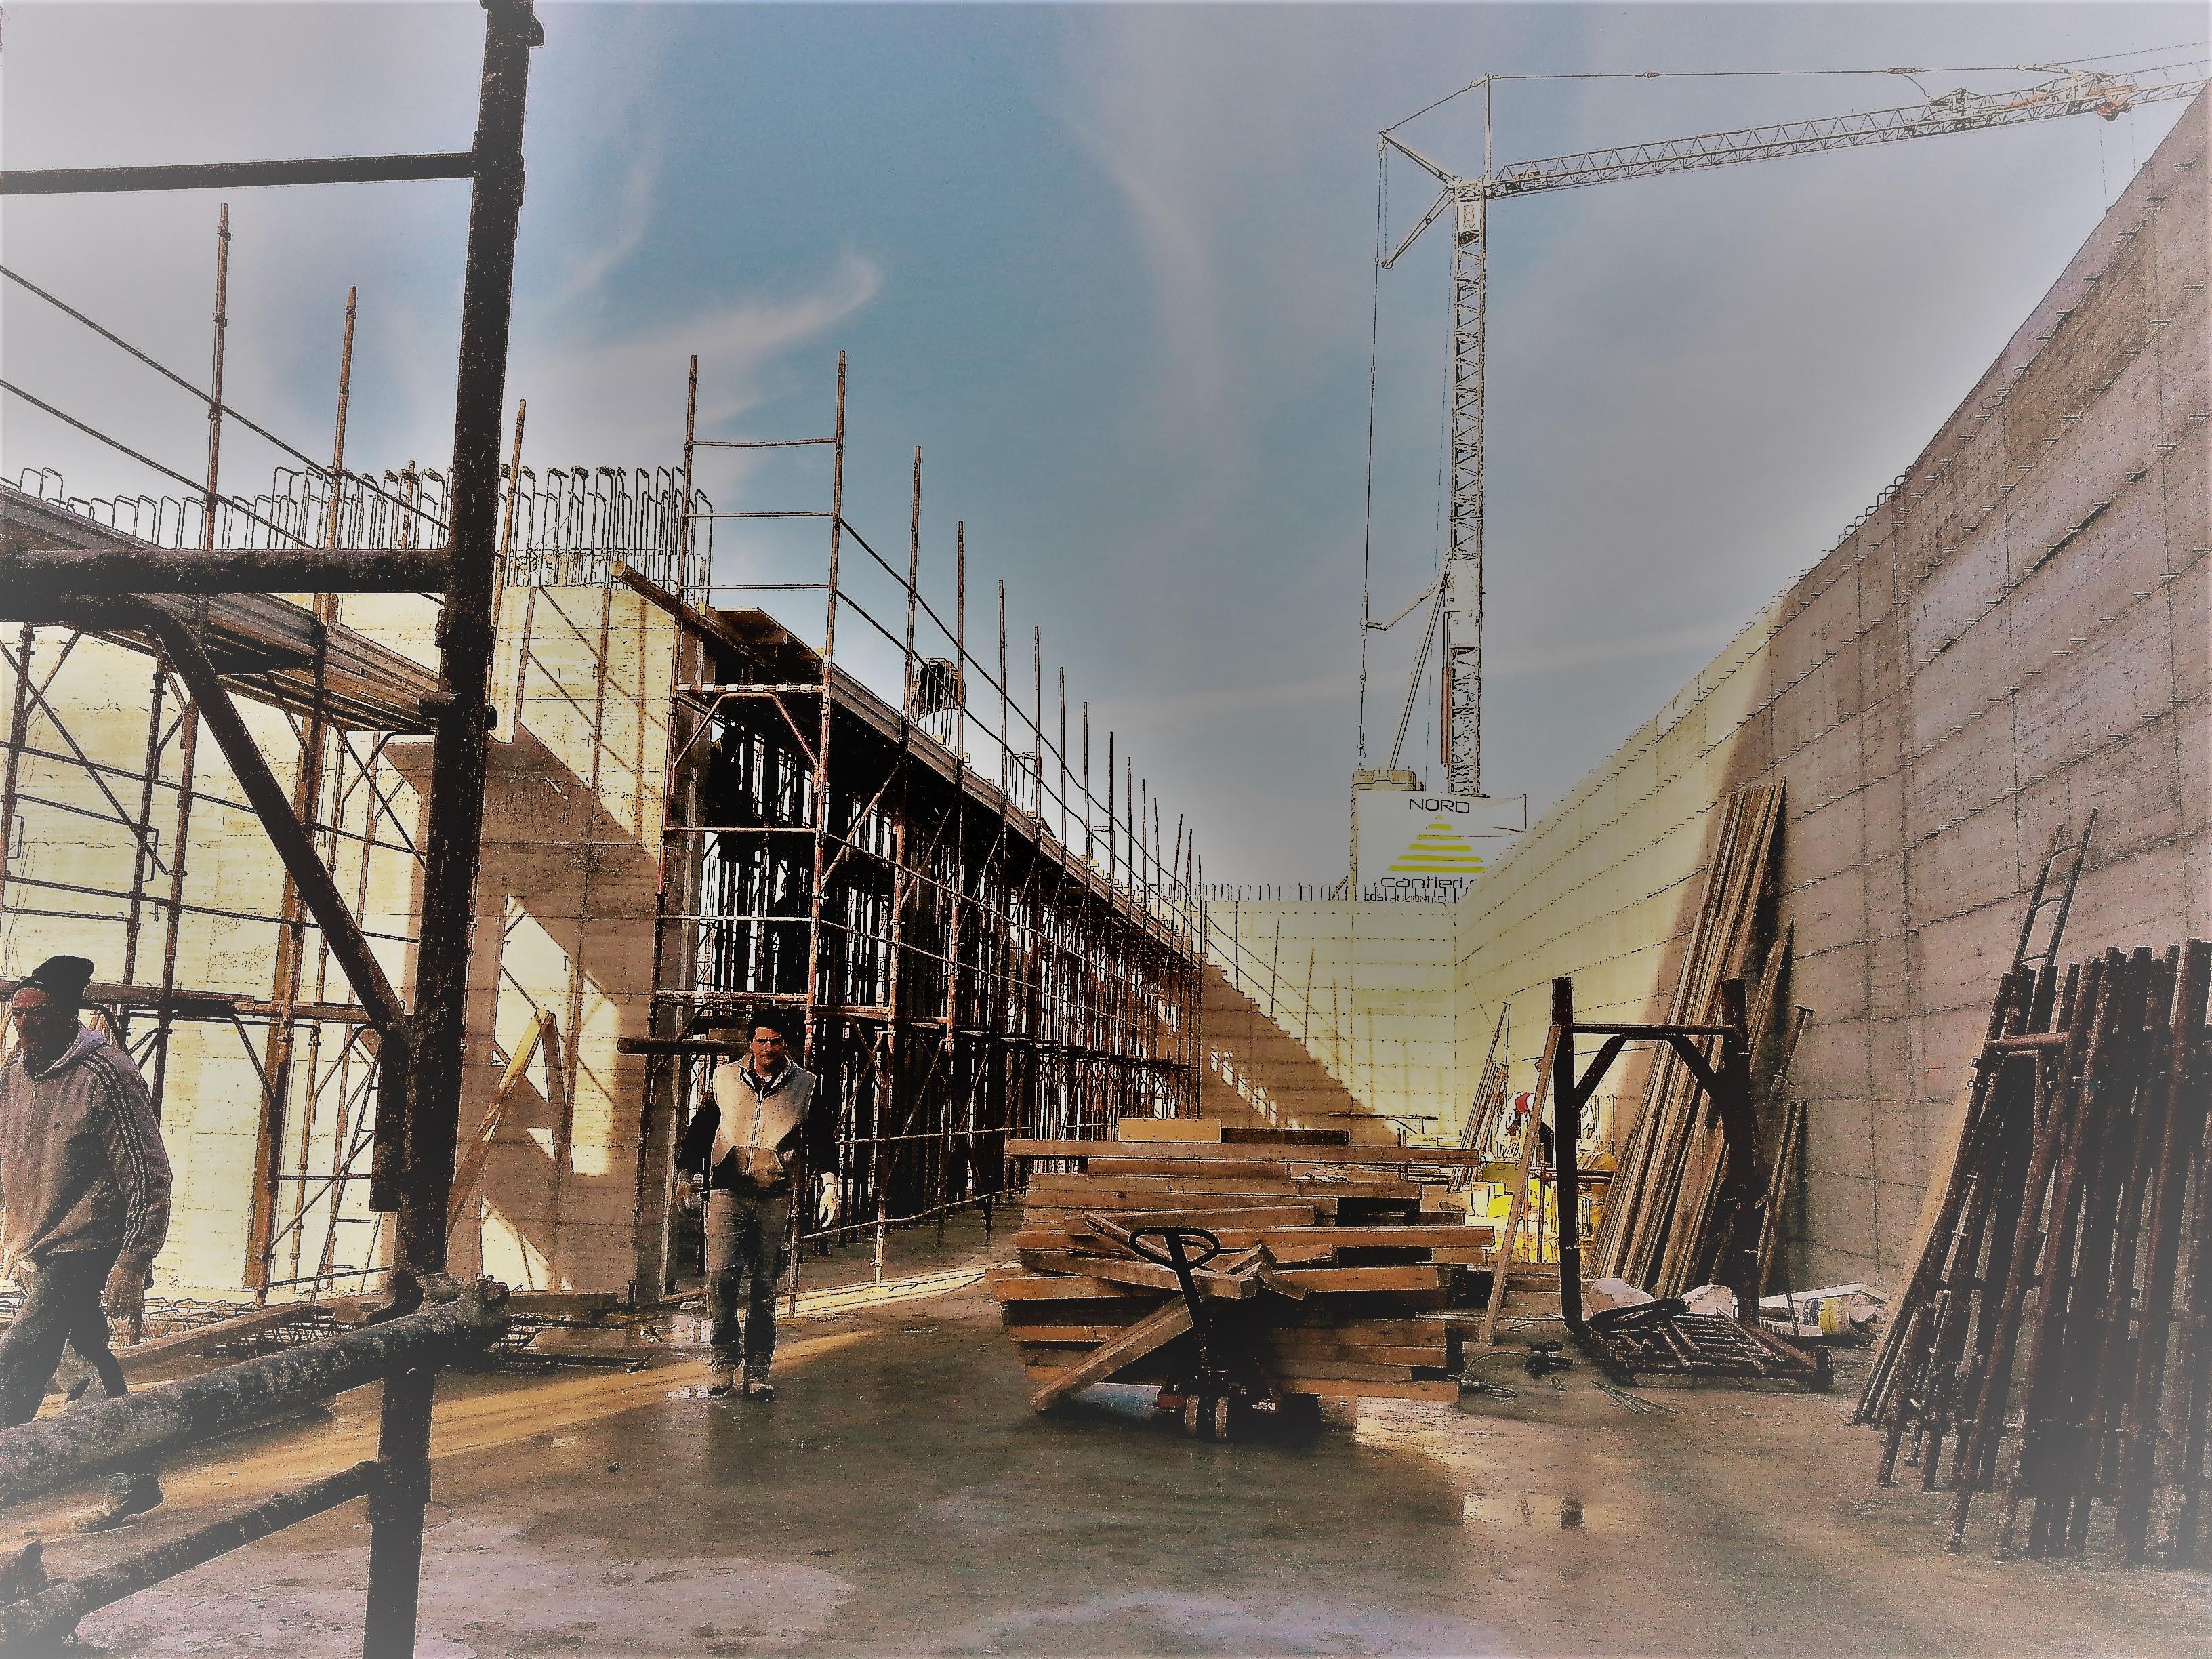 Nord cantieri impresa di costruzioni edili e stradali for Imprese edili e costruzioni londra